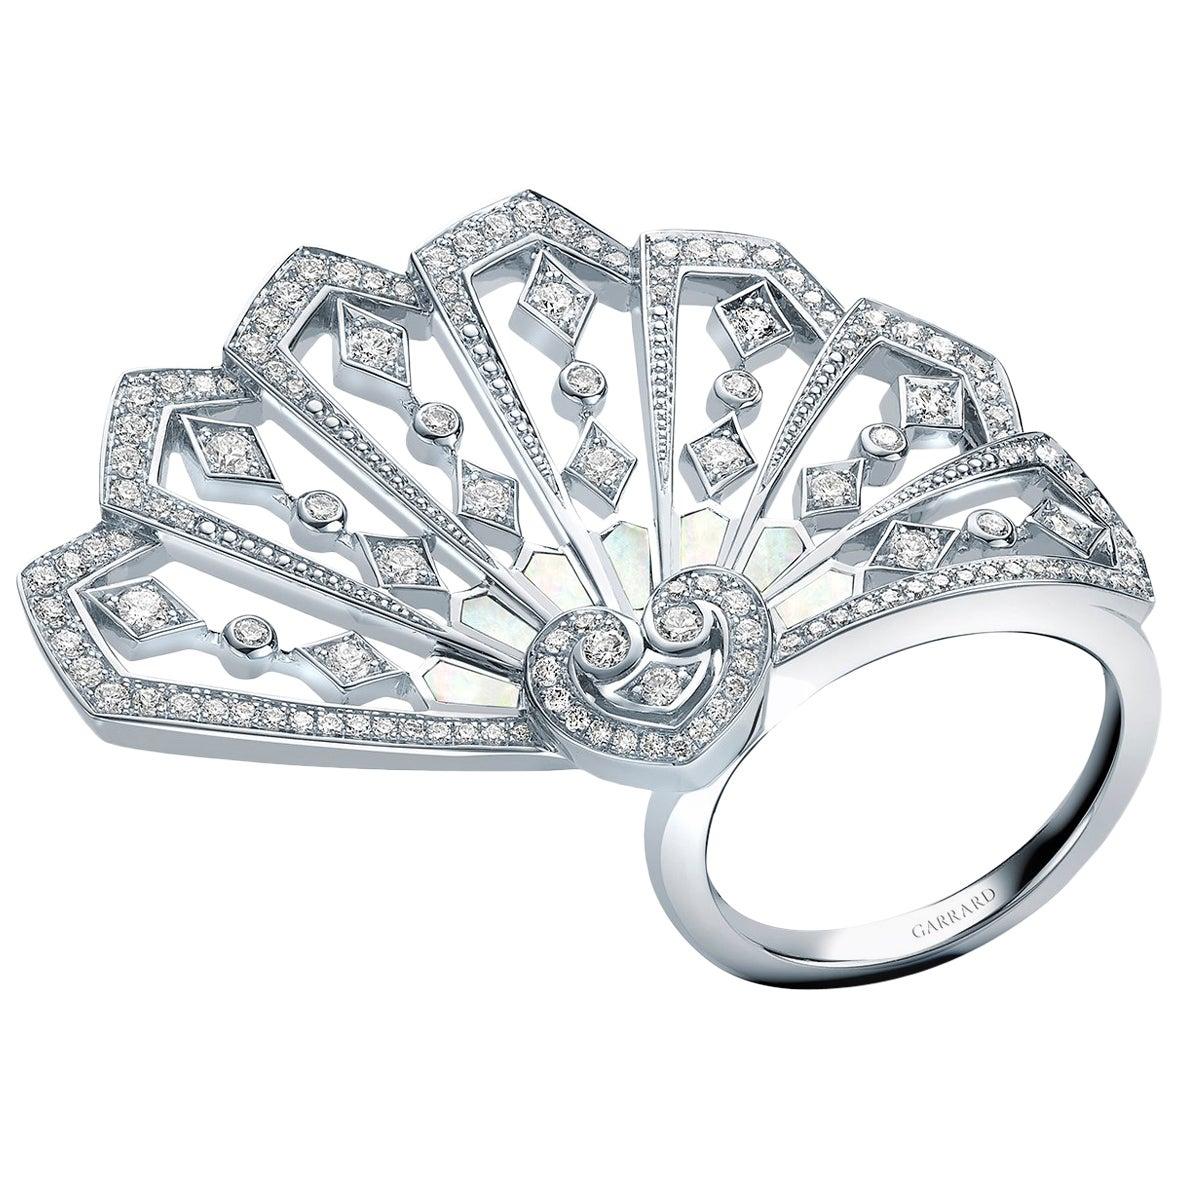 Garrard 'Fanfare' 18 Karat White Gold Mother of Pearl Ring